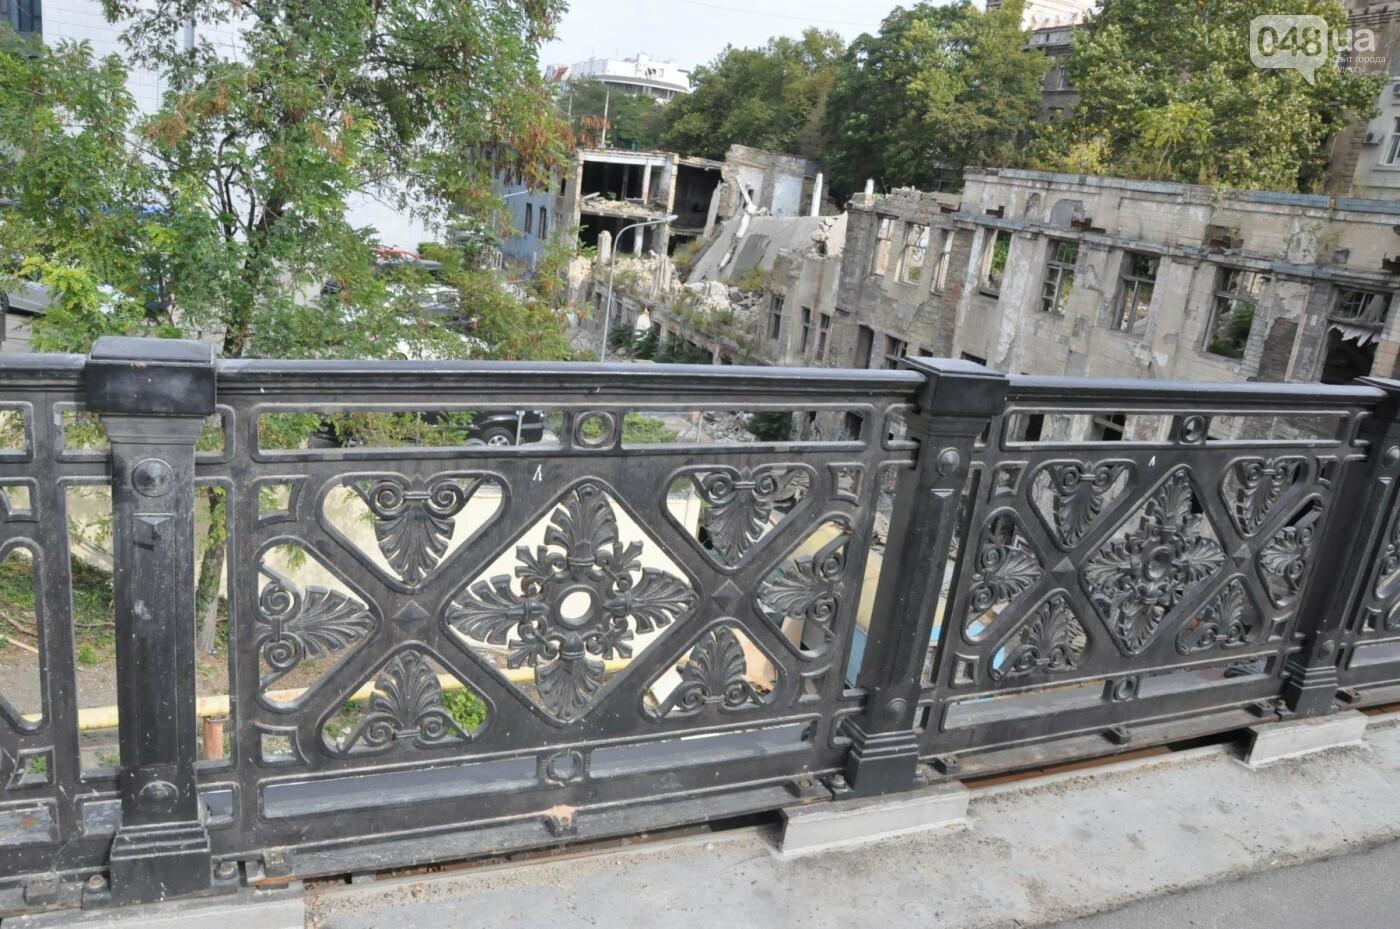 Одесский брат Эйфелевой башни ржав и, возможно, обворован при реставрации (ФОТО), фото-1